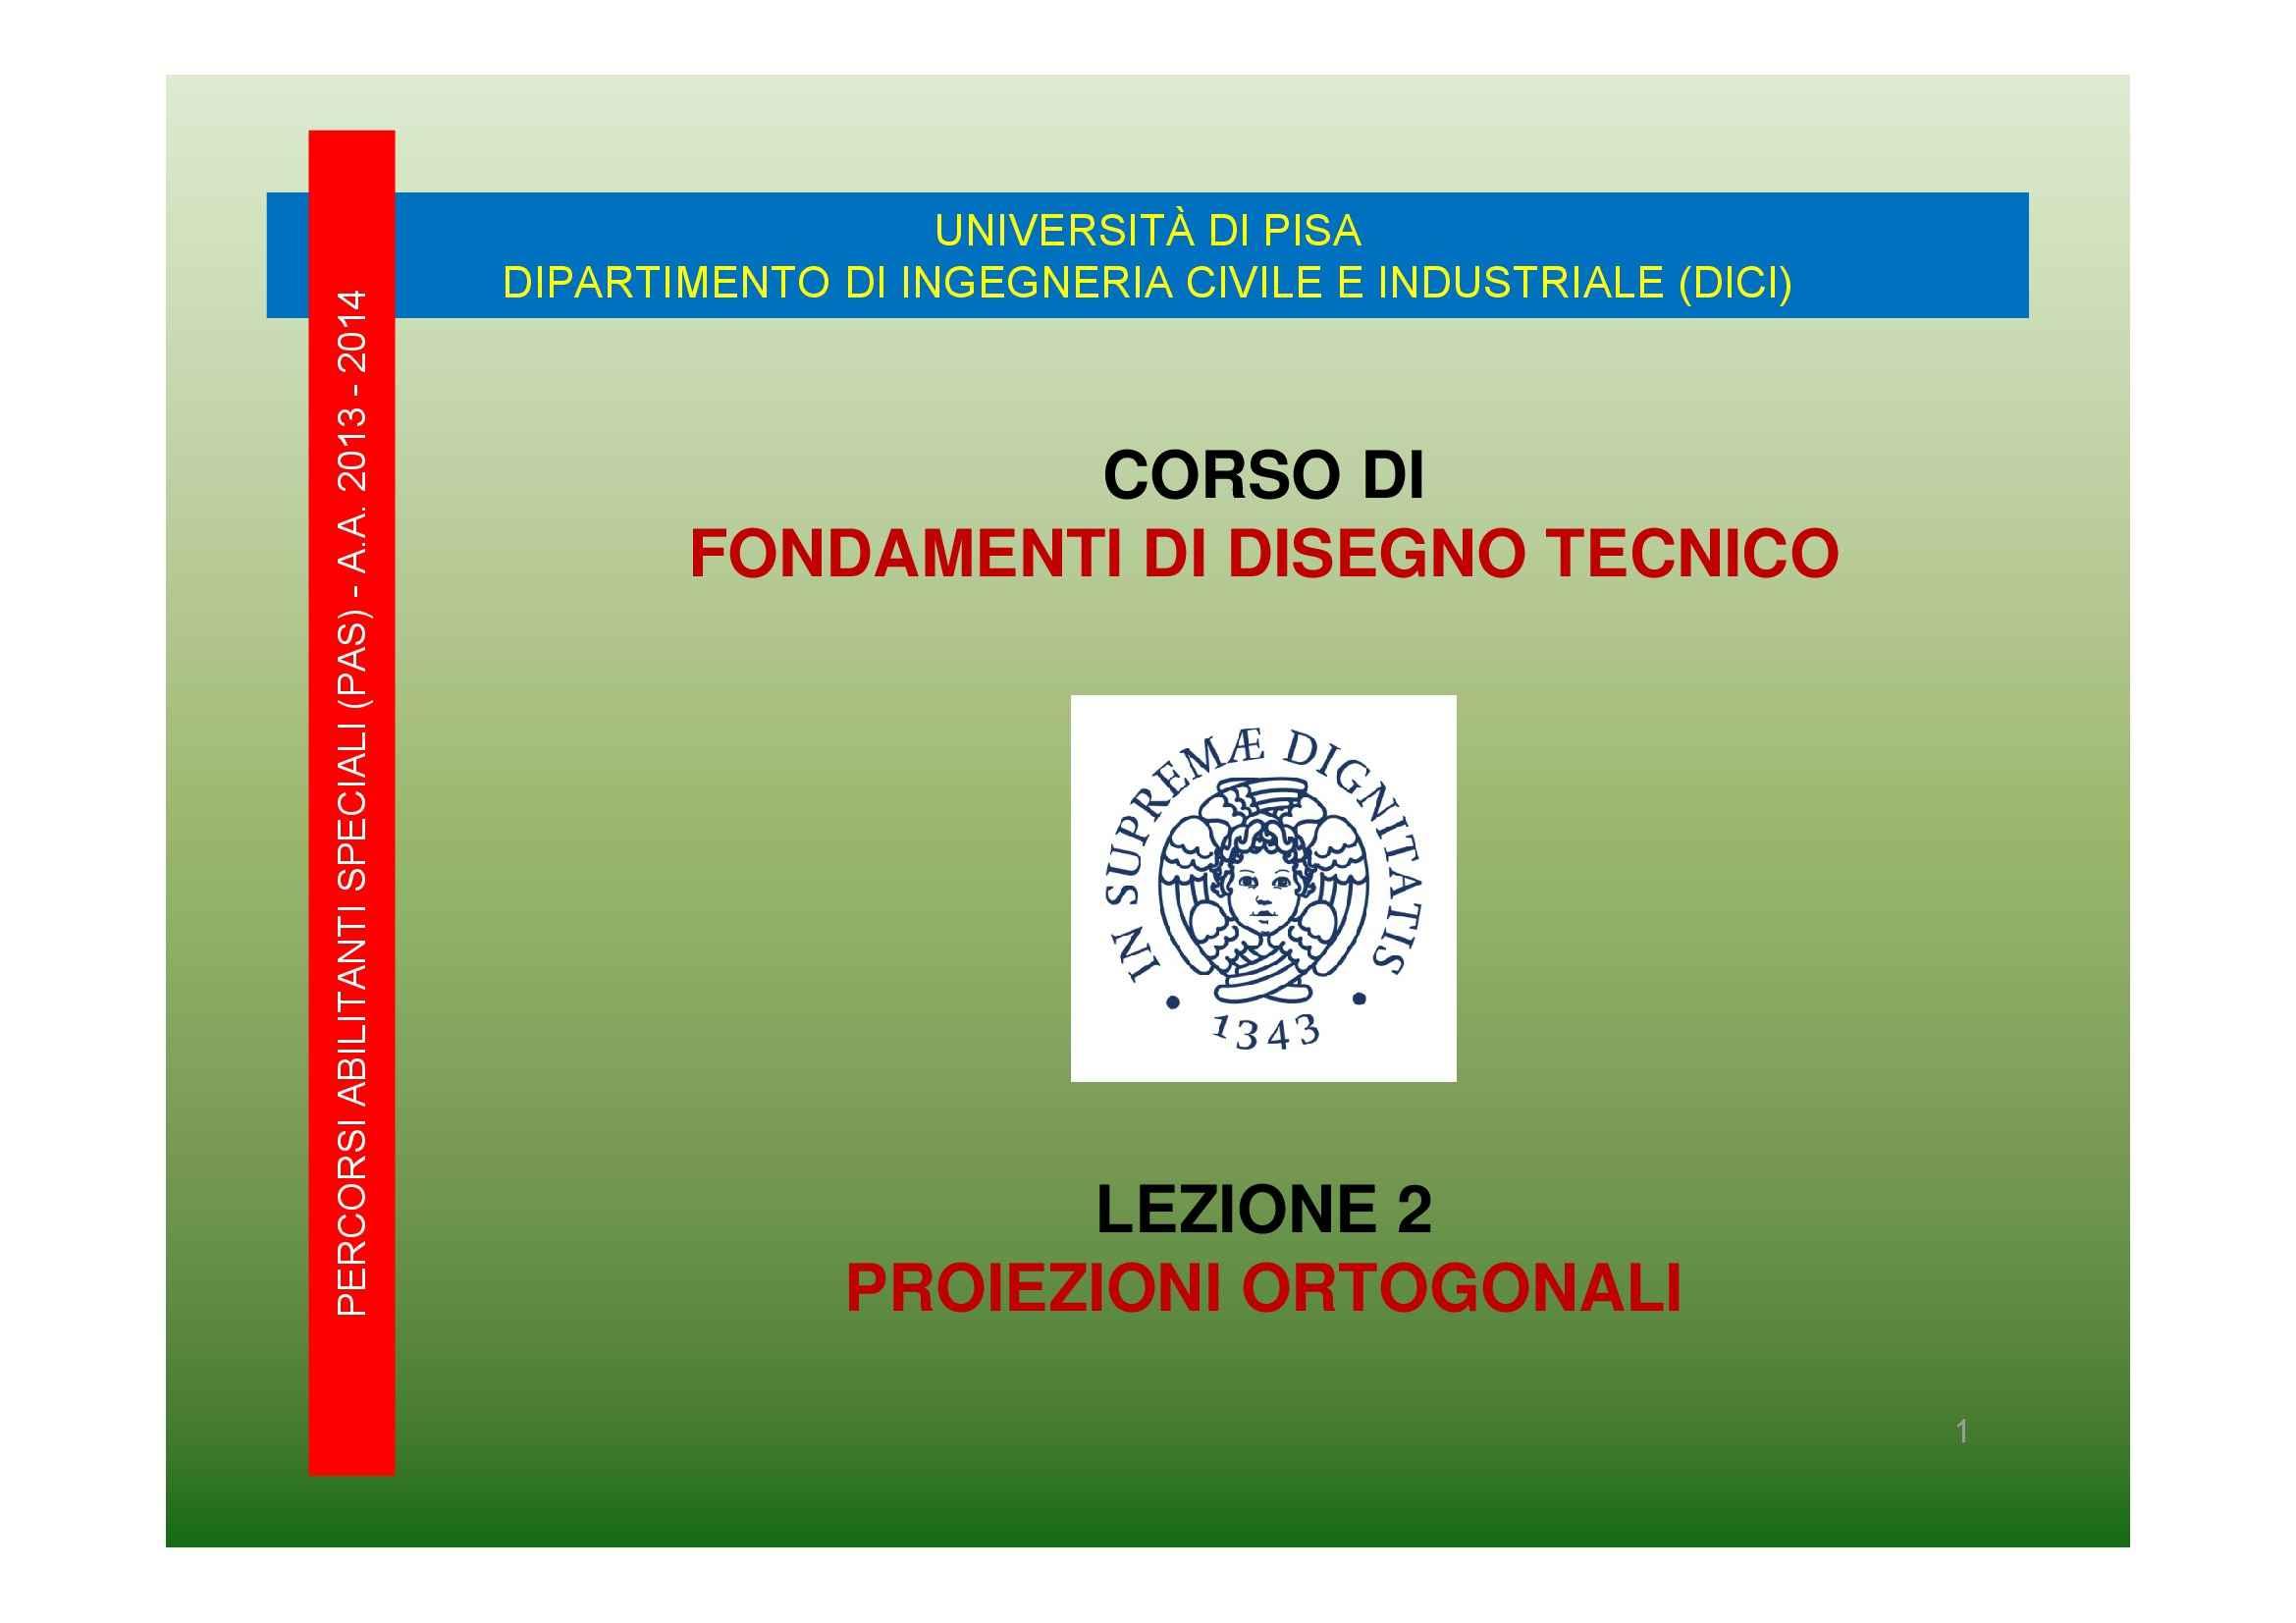 Proiezioni ortogonali, Dispensa di Disegno Tecnico